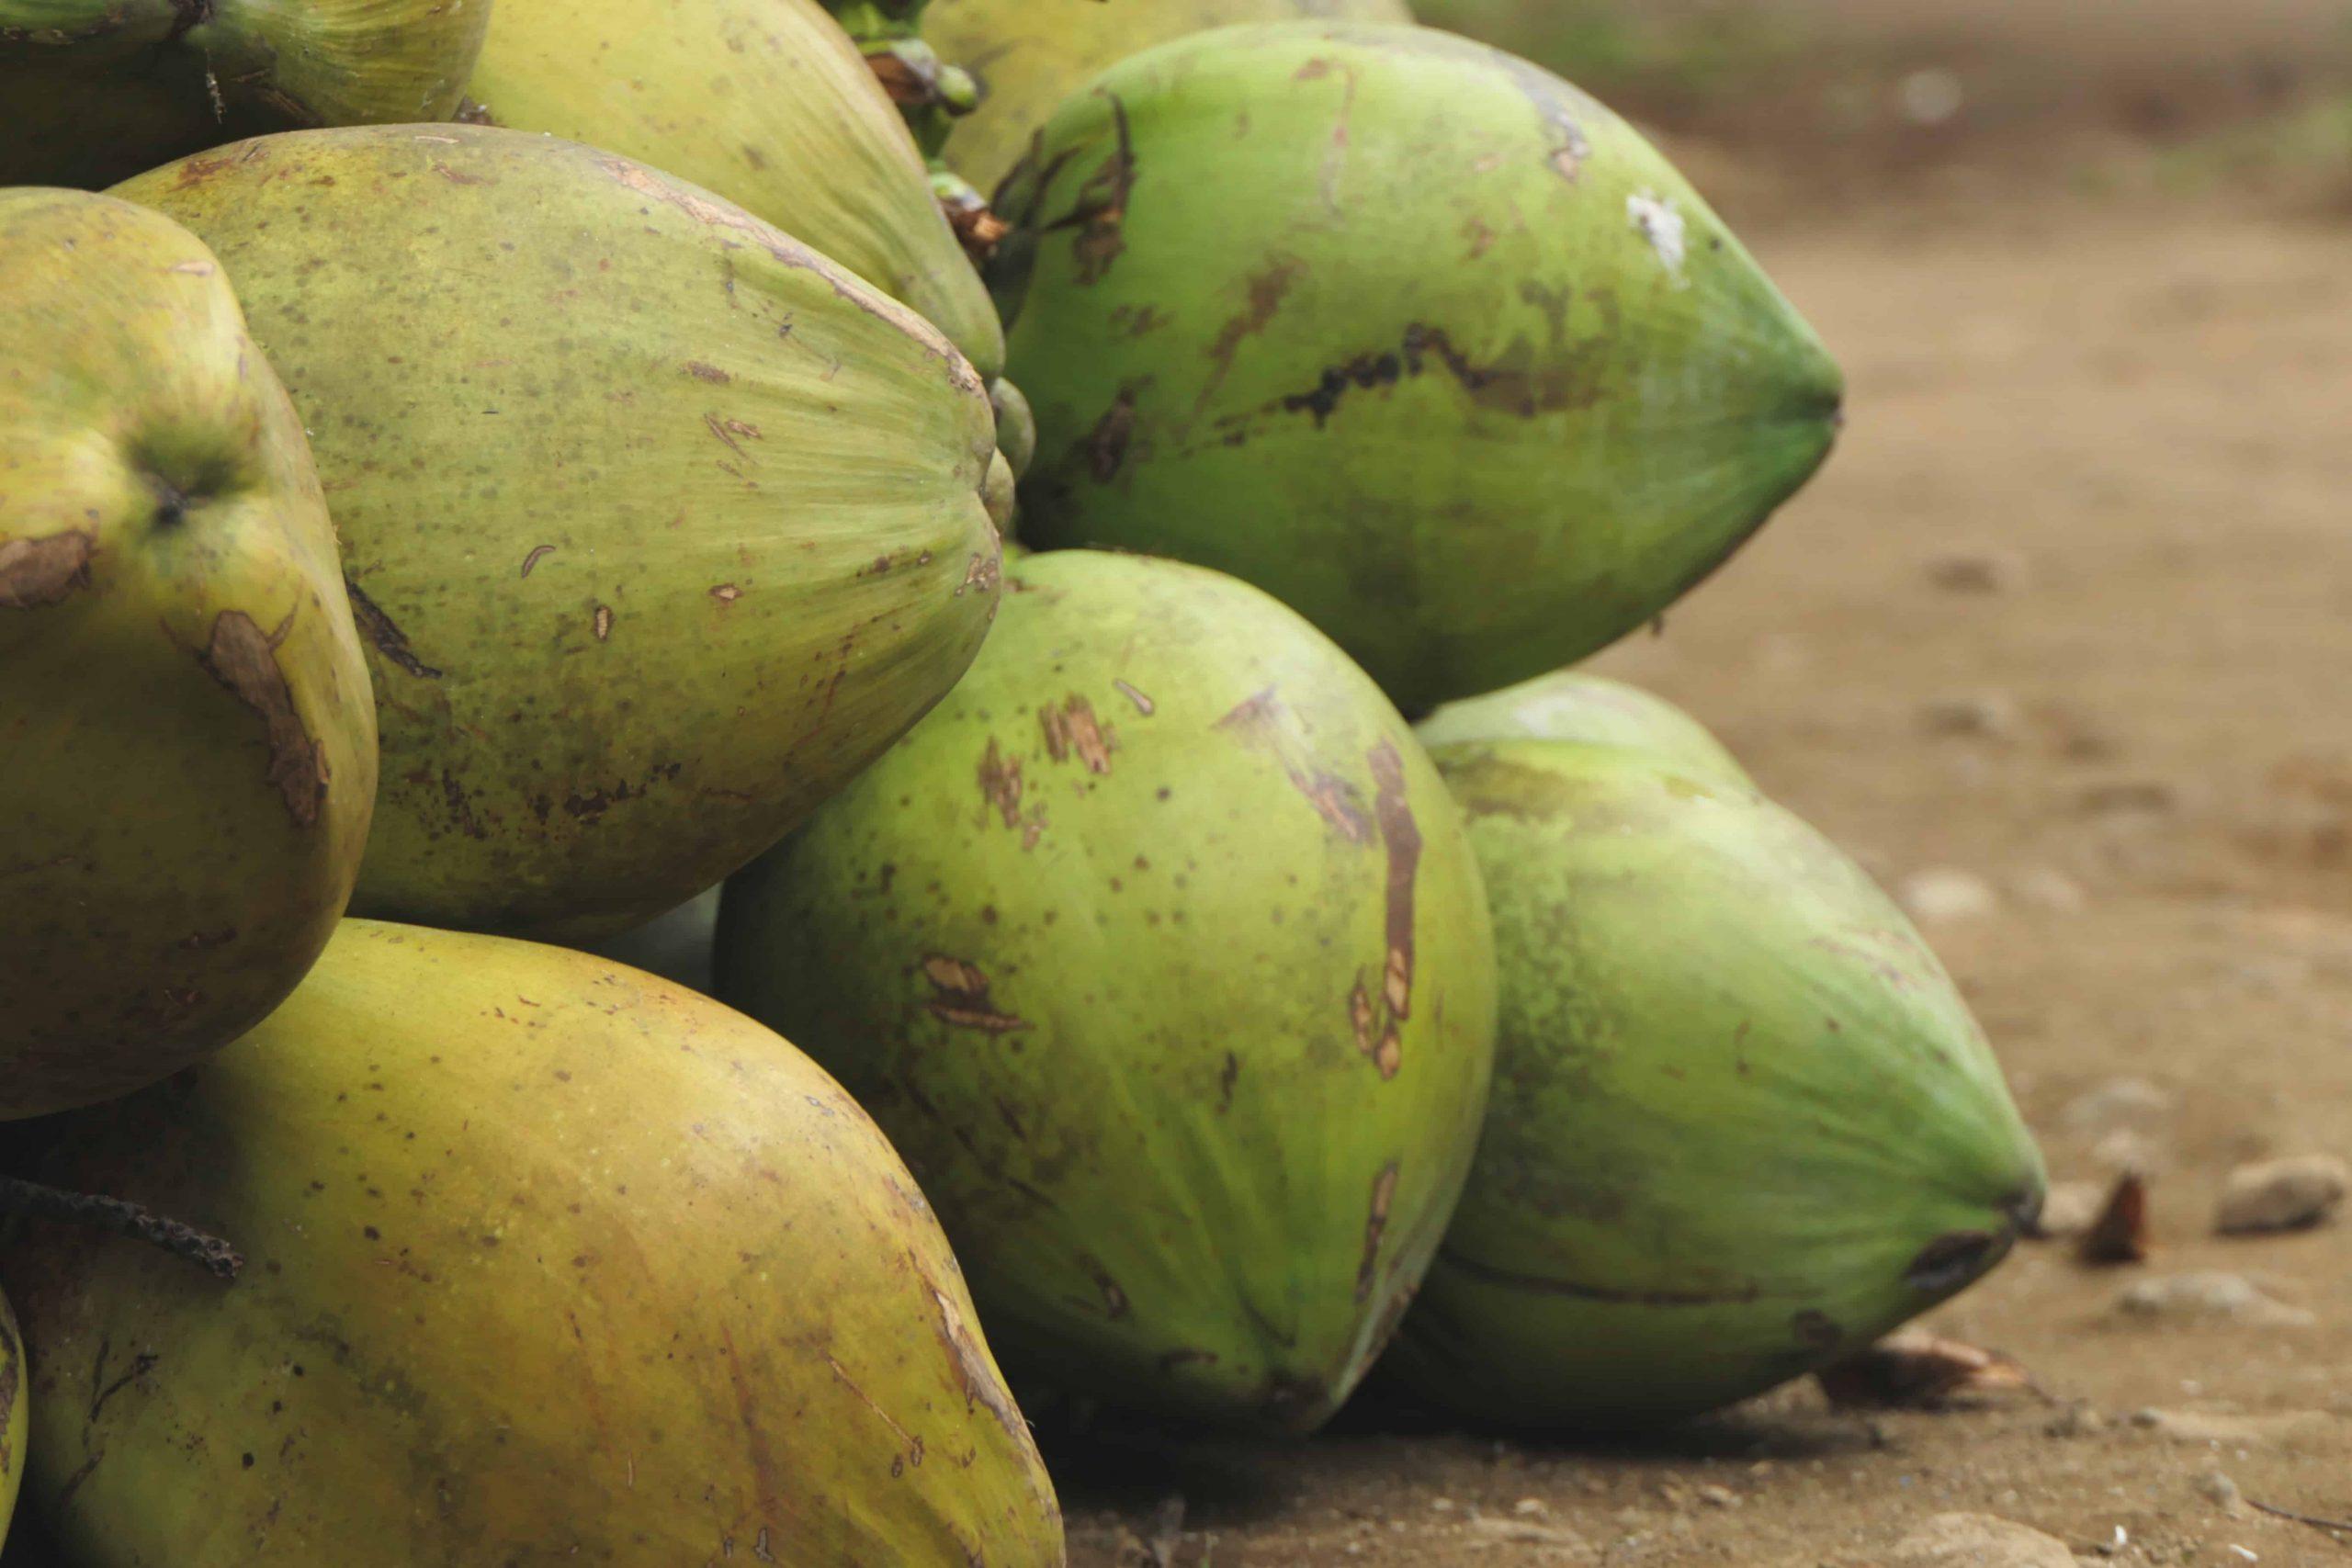 Kokoskohle: Test & Empfehlungen (04/21)